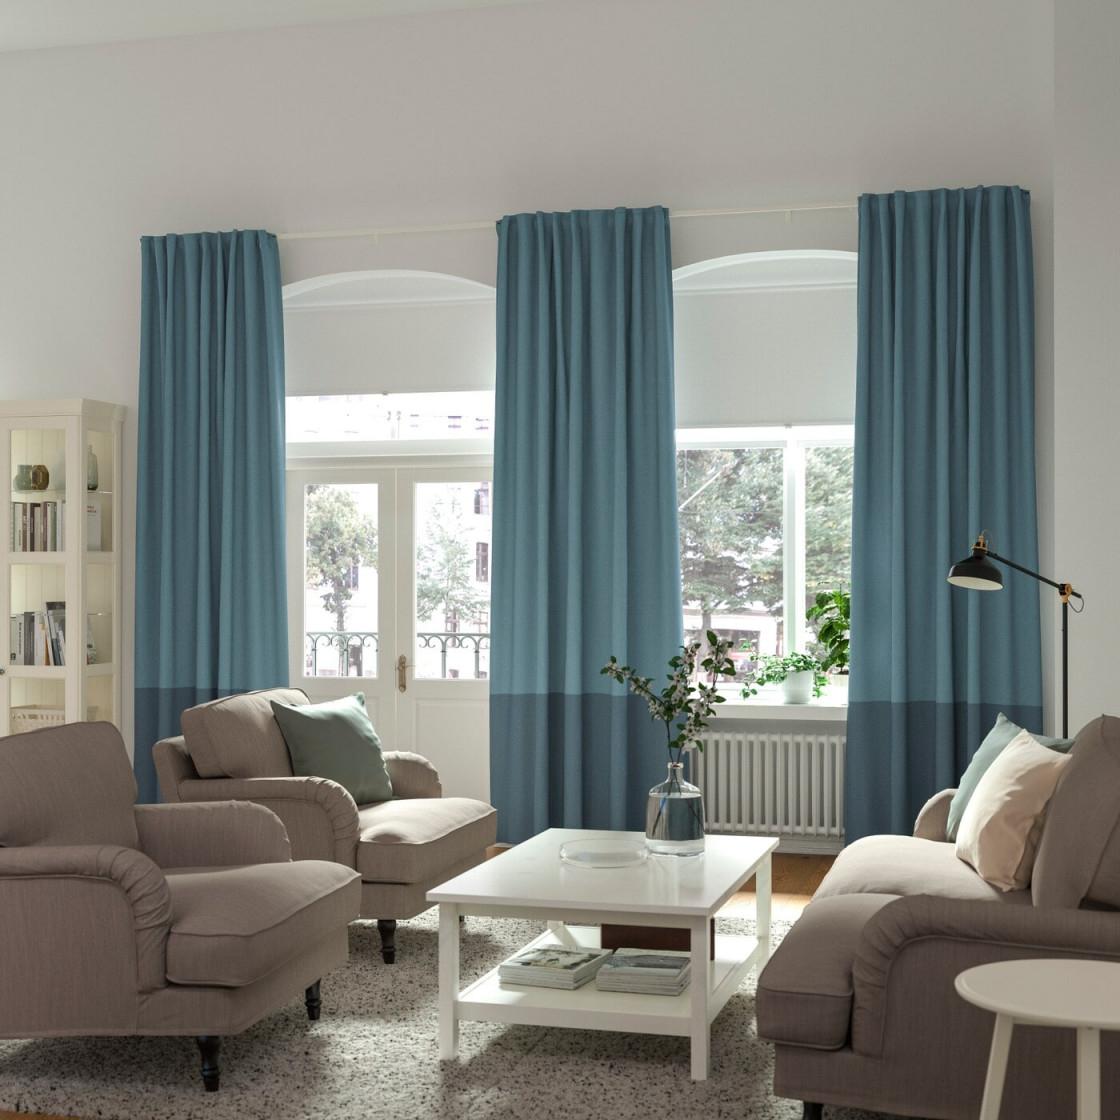 Gardinenideen Inspirationen Für Dein Zuhause  Ikea von Halbe Gardinen Wohnzimmer Photo